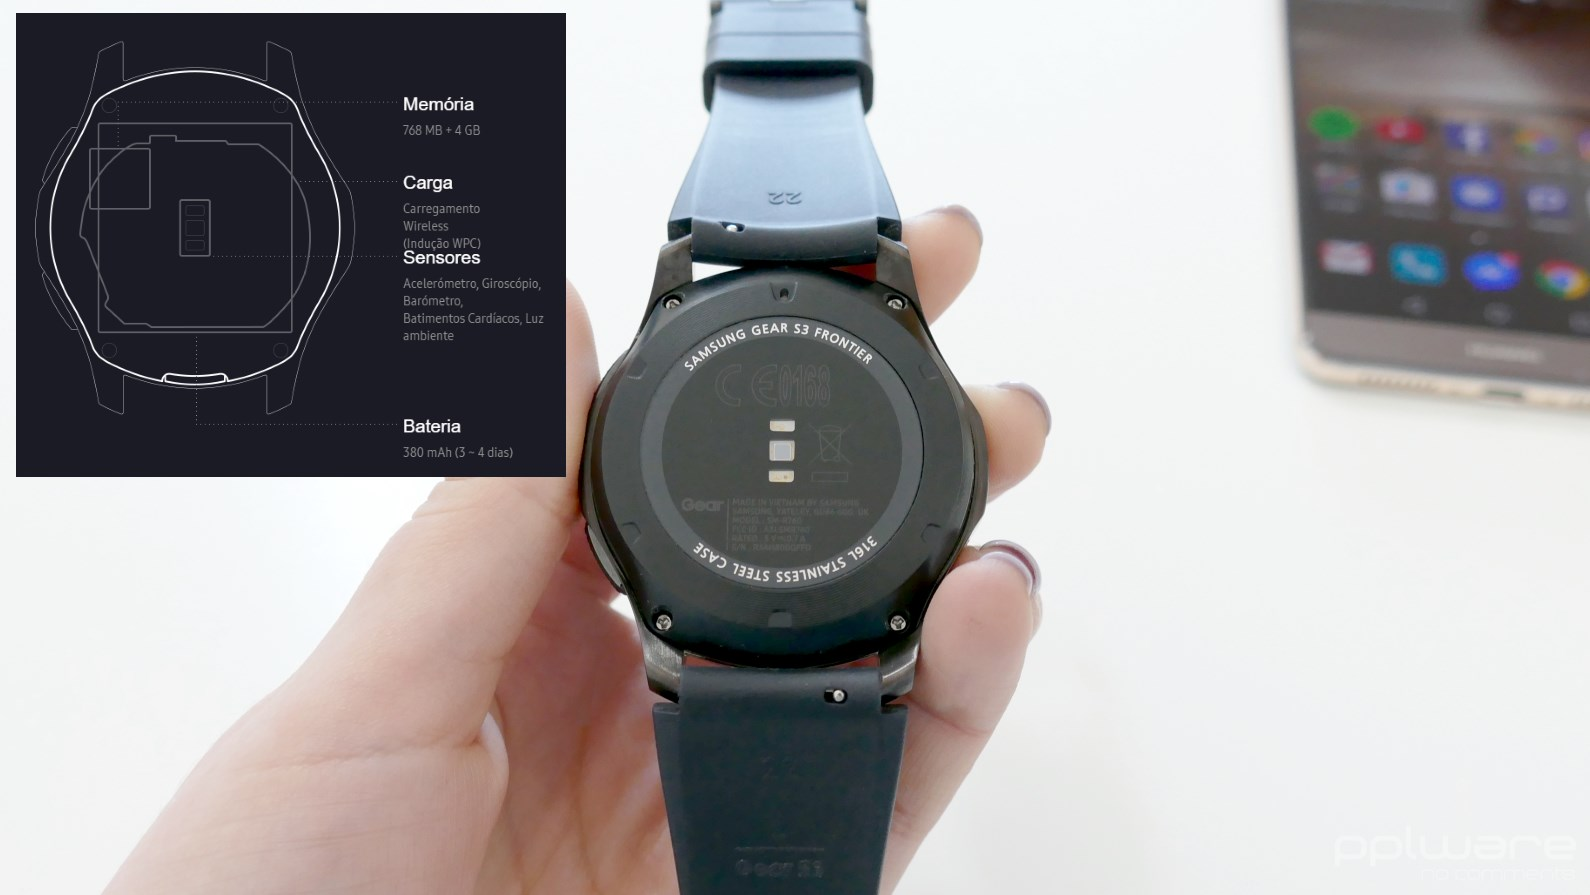 4d5d03e9919 Por baixo encontra-se o sensor de batimentos cardíacos. Este relógio  inteligente traz ainda outros sensores